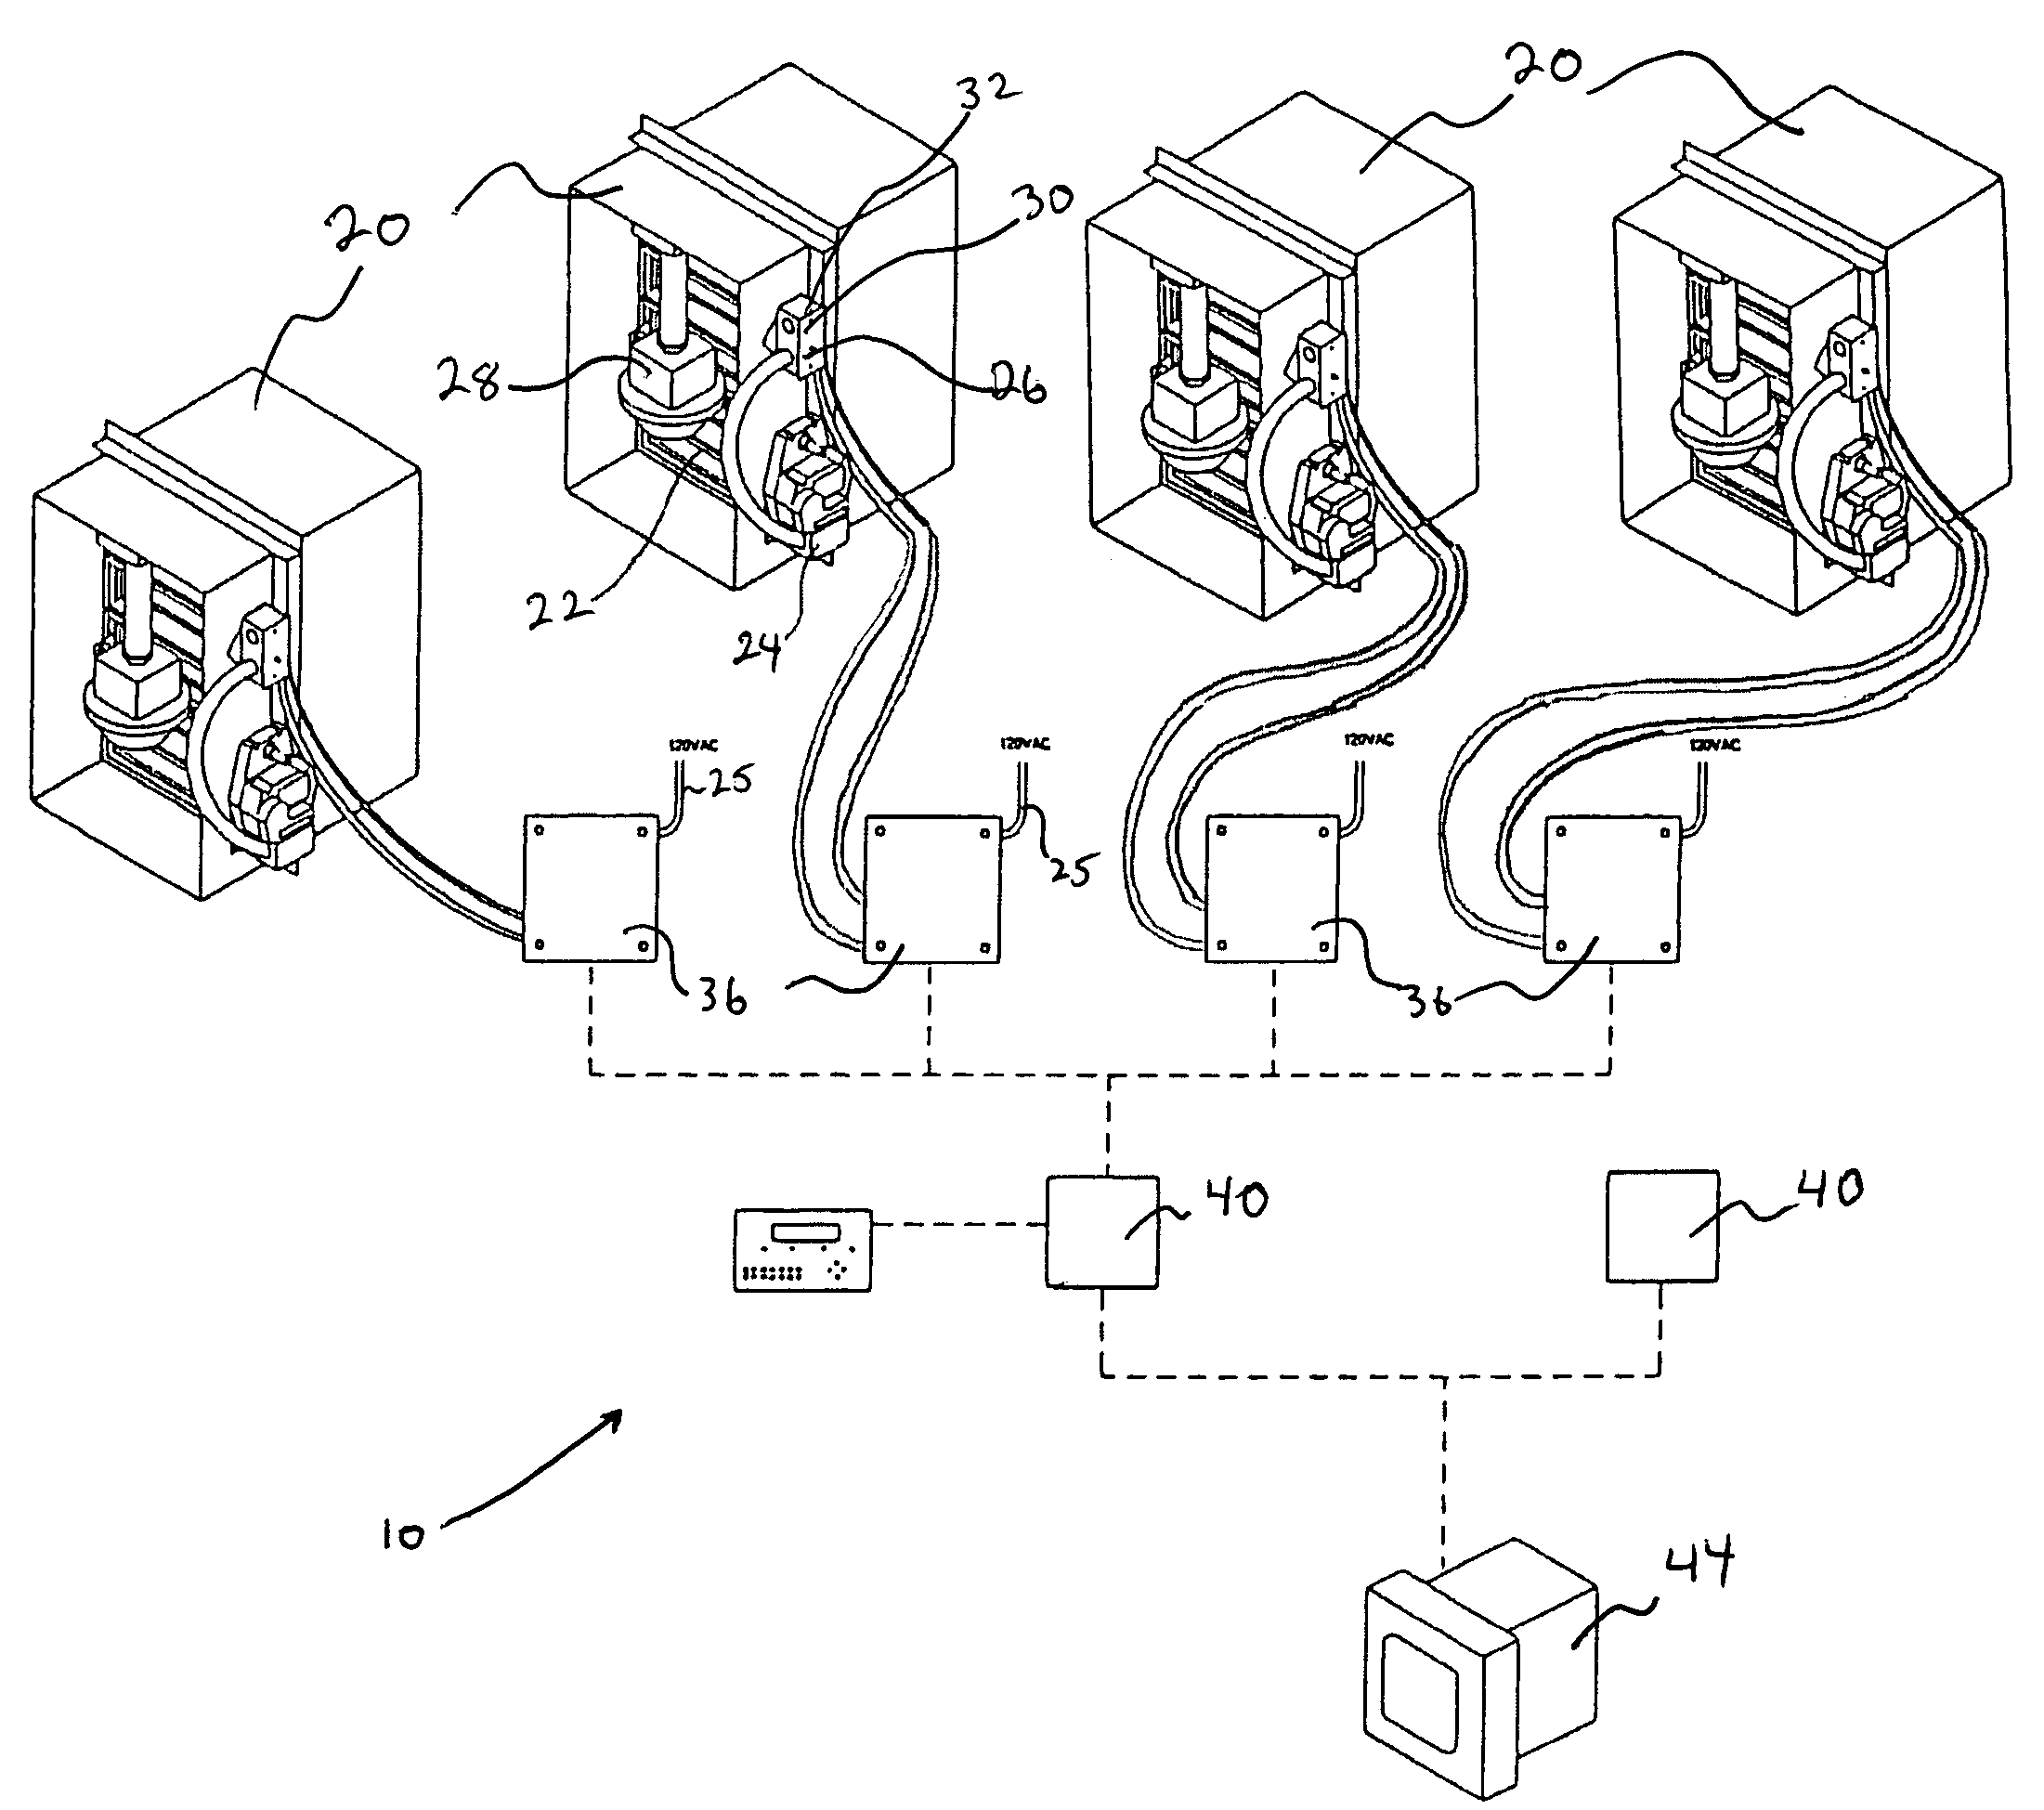 Motorized Fire Damper Wiring Diagram